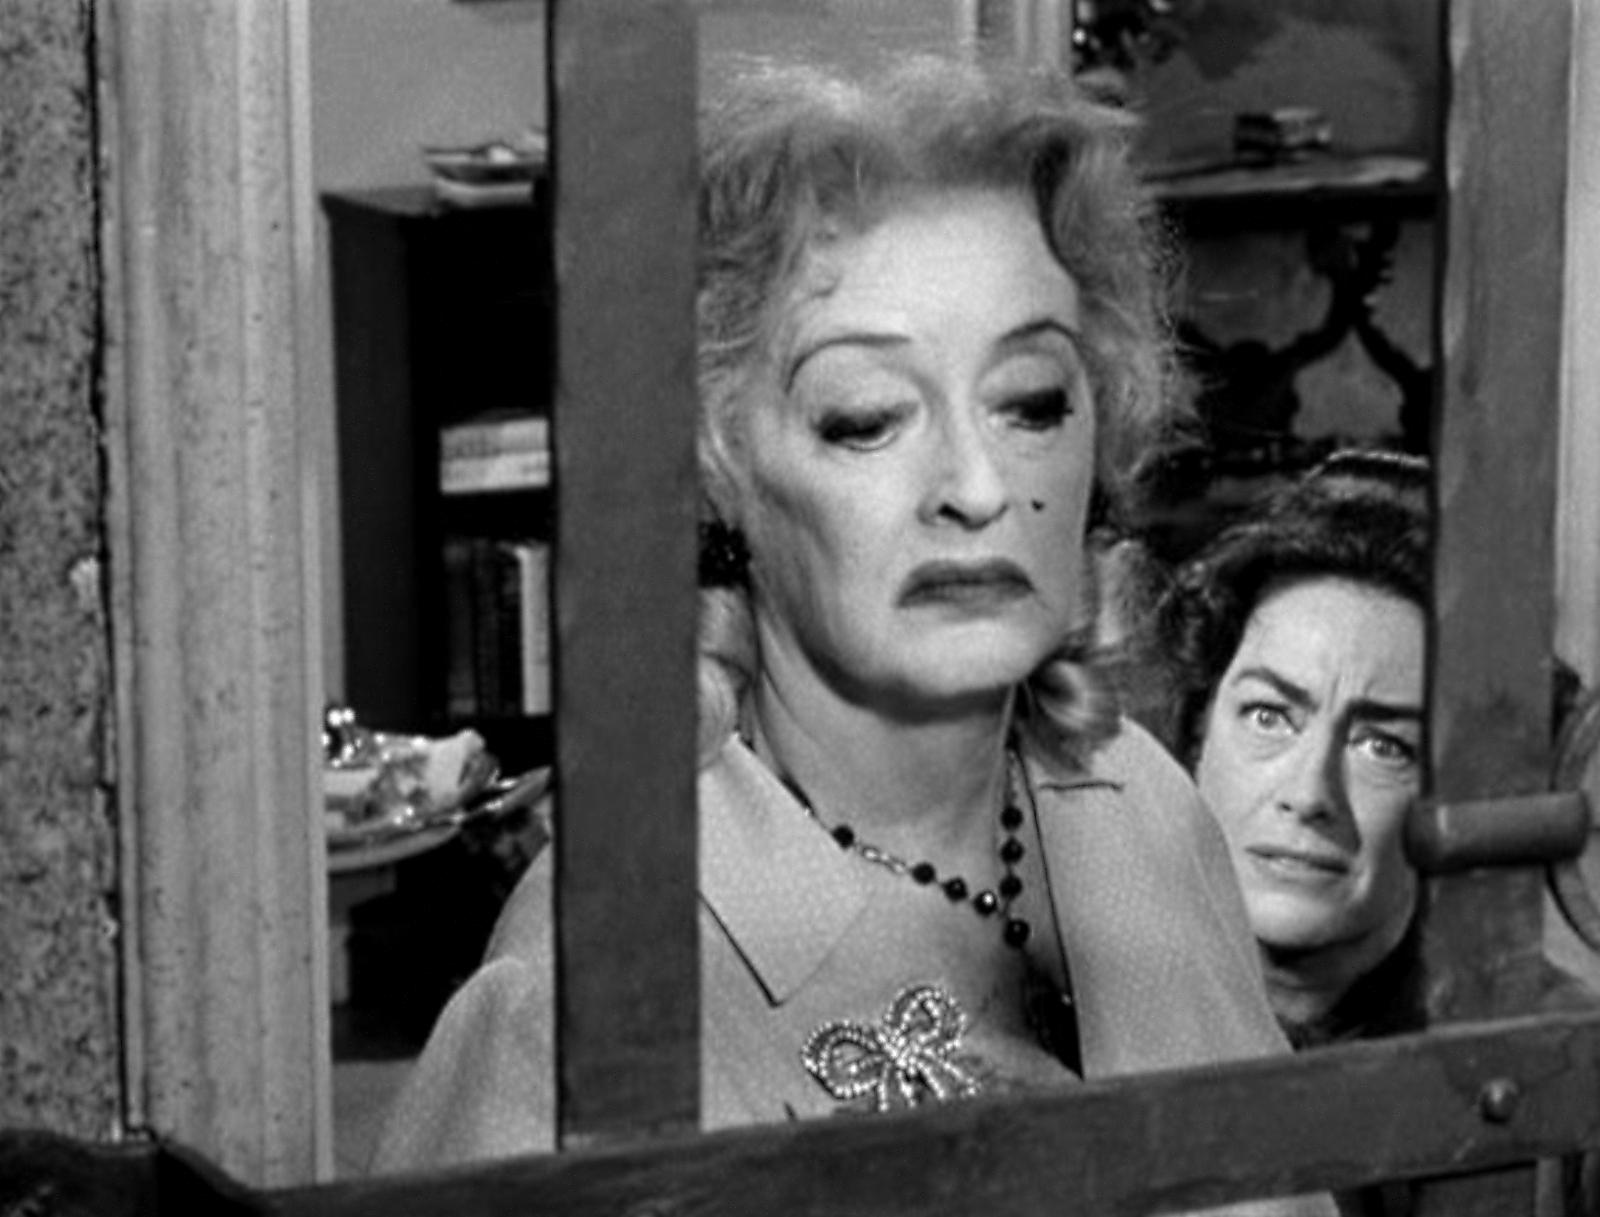 ¿Qué pasó con Baby Jane?